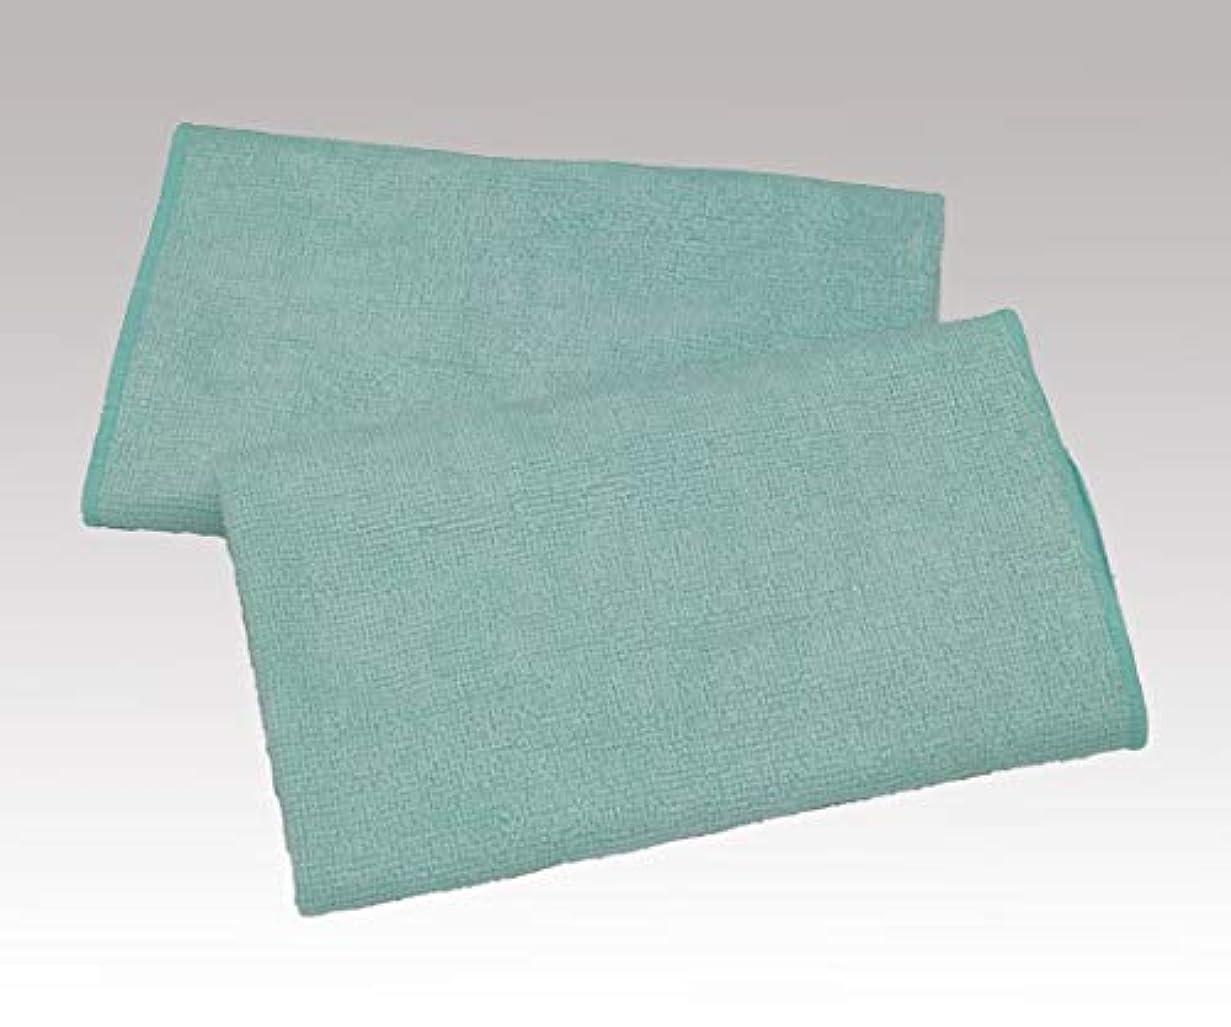 カーペット版平衡ダブル織りタオル 清拭タオル